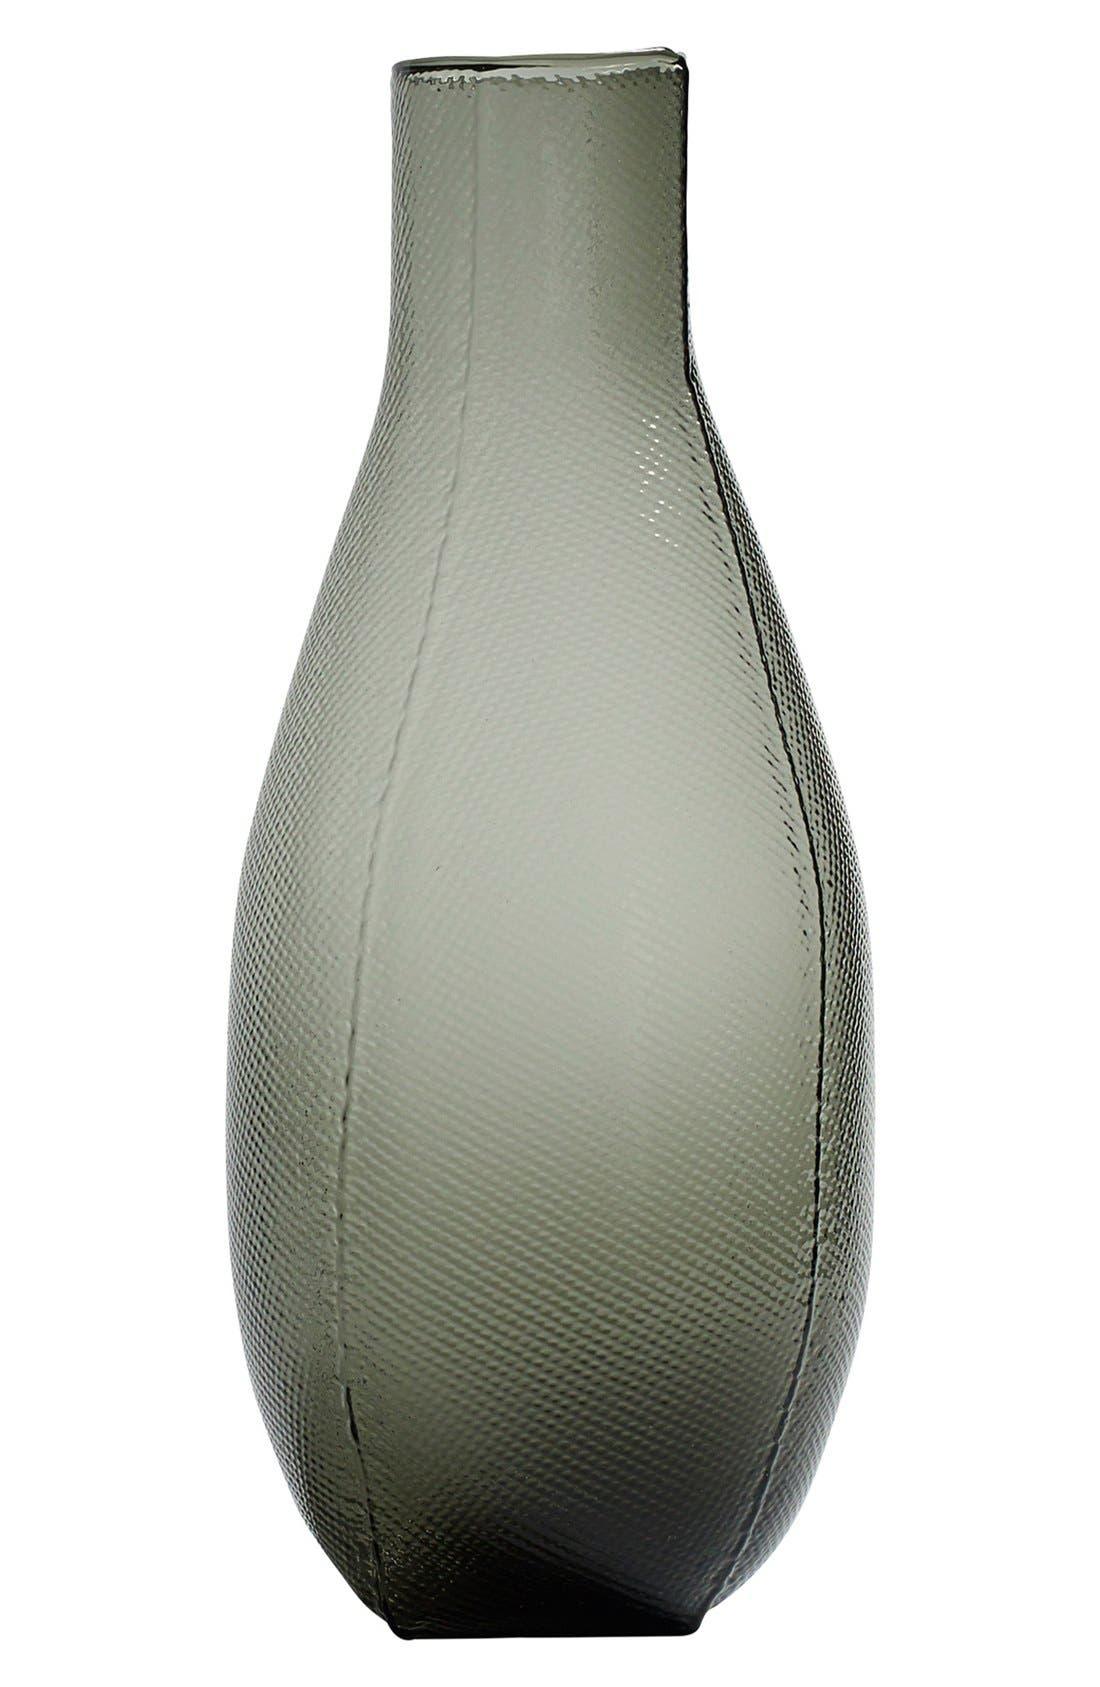 Main Image - Wrong for Hay 'Tela' Glass Carafe